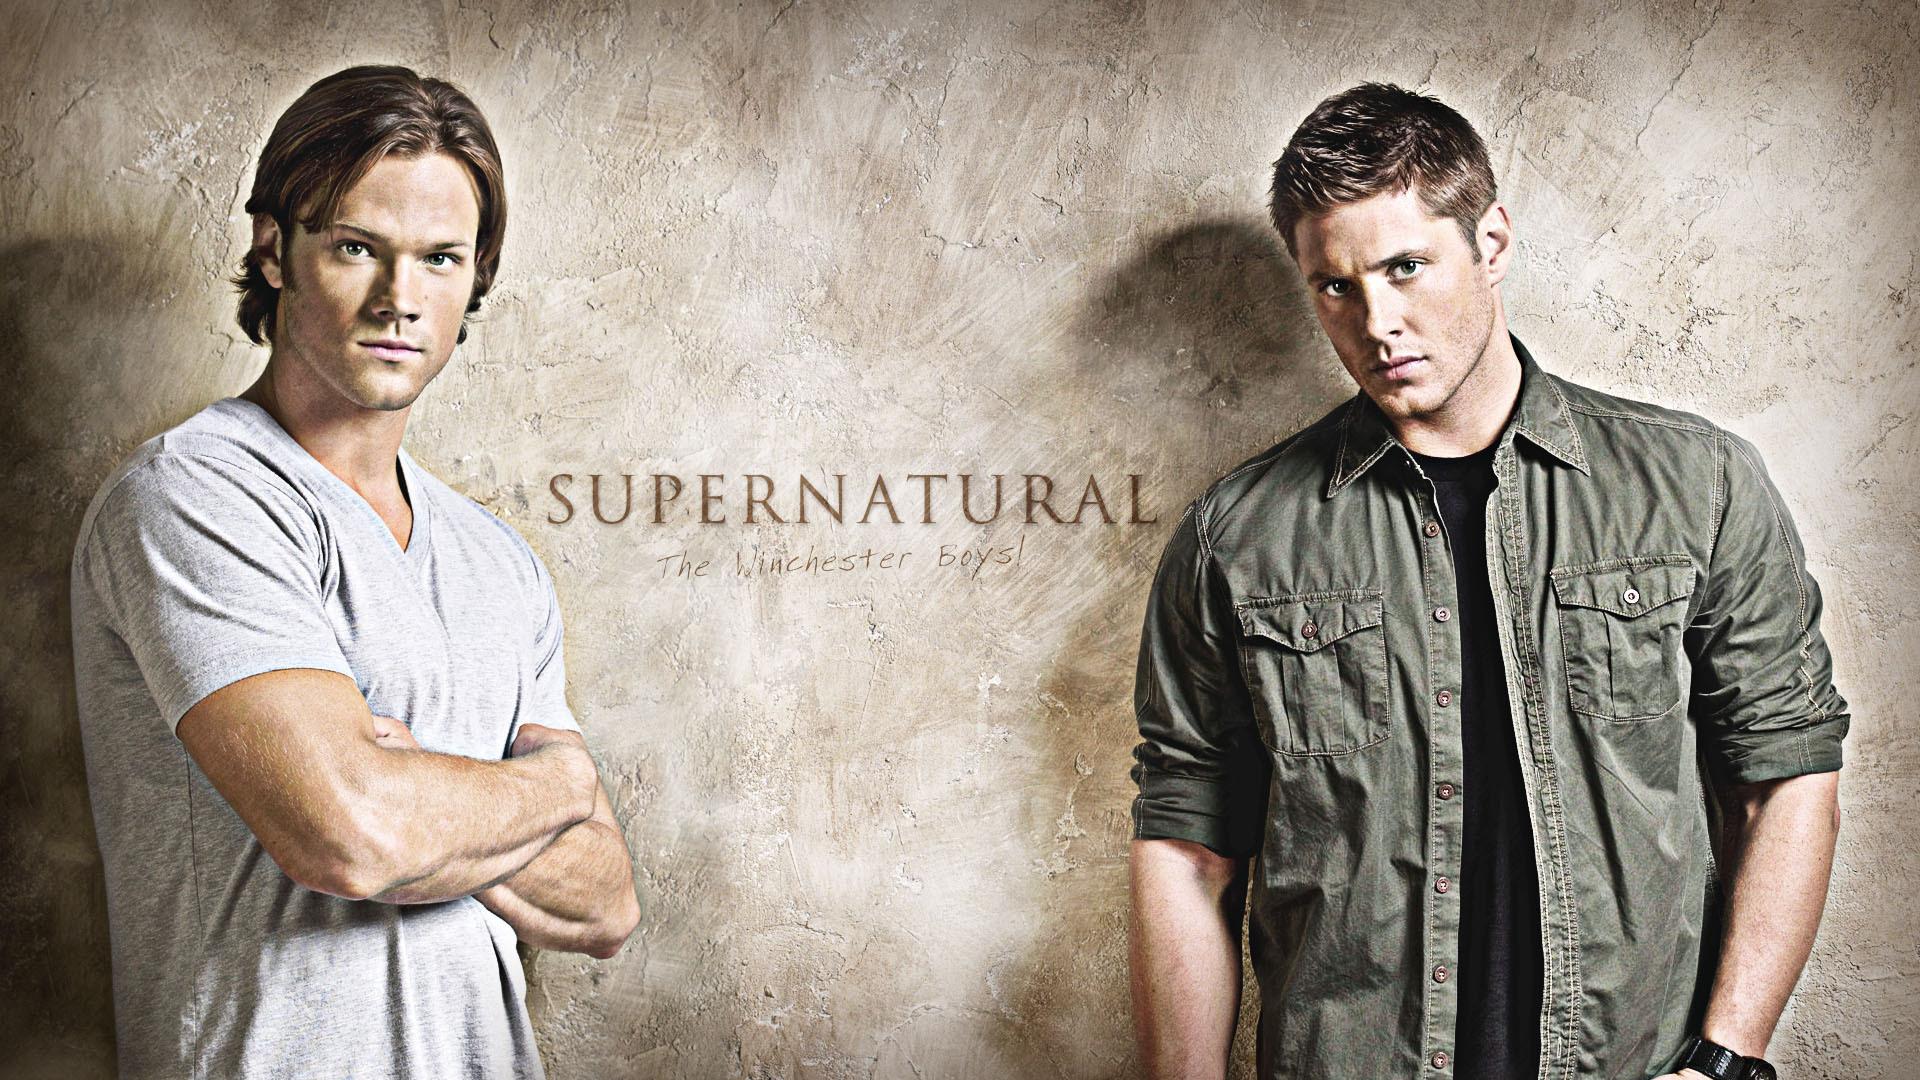 Winchester Boys HD   Supernatural Wallpaper 5256380 1920x1080